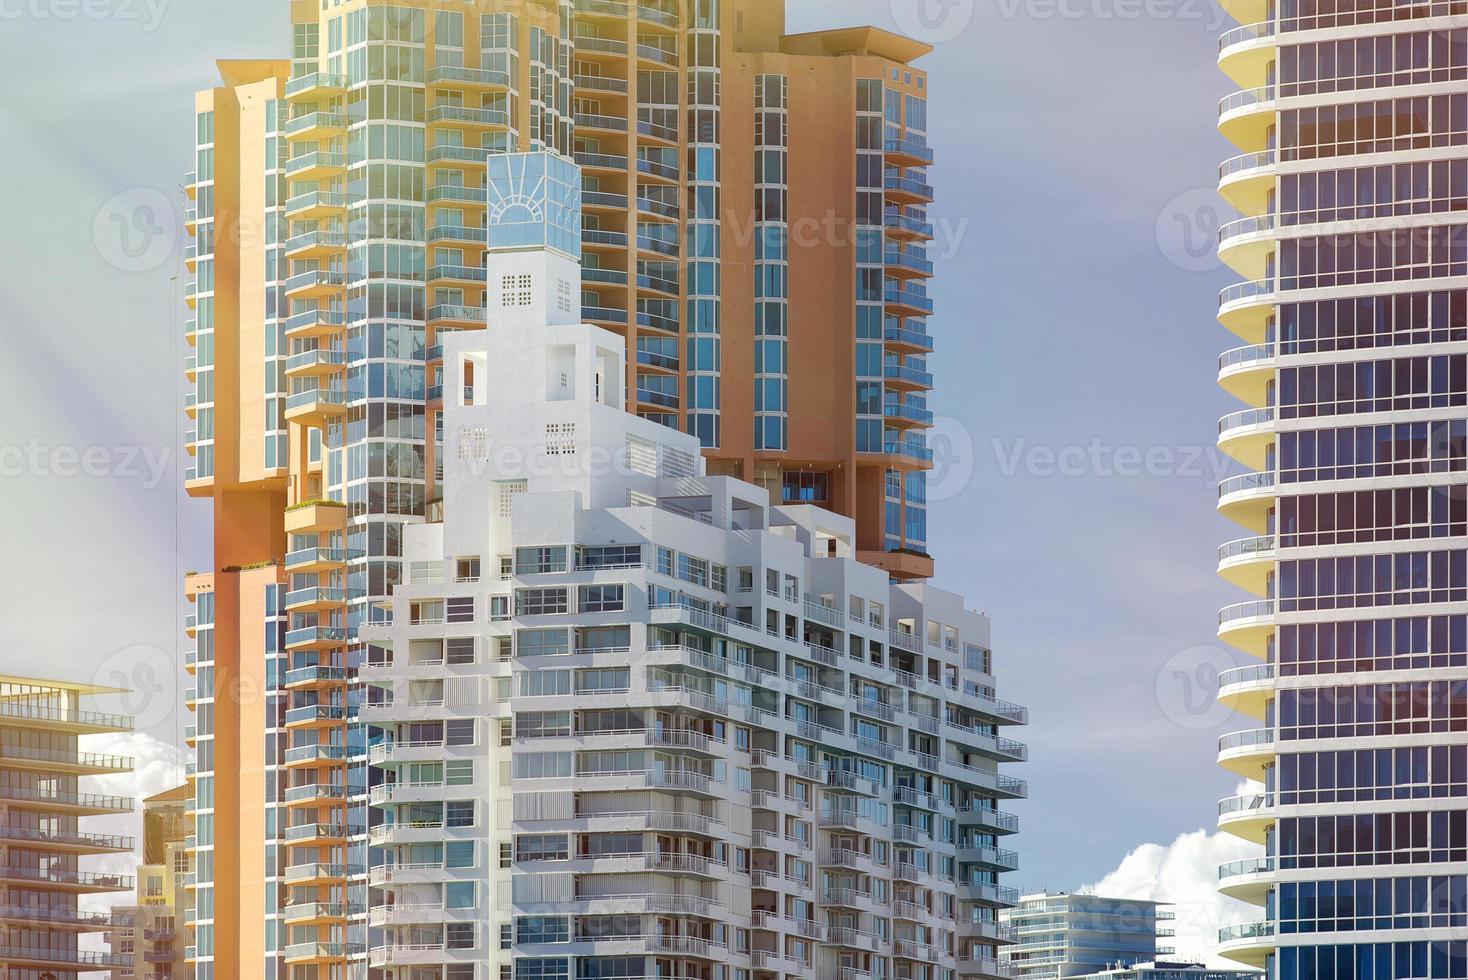 architecture de la plage sud de miami photo